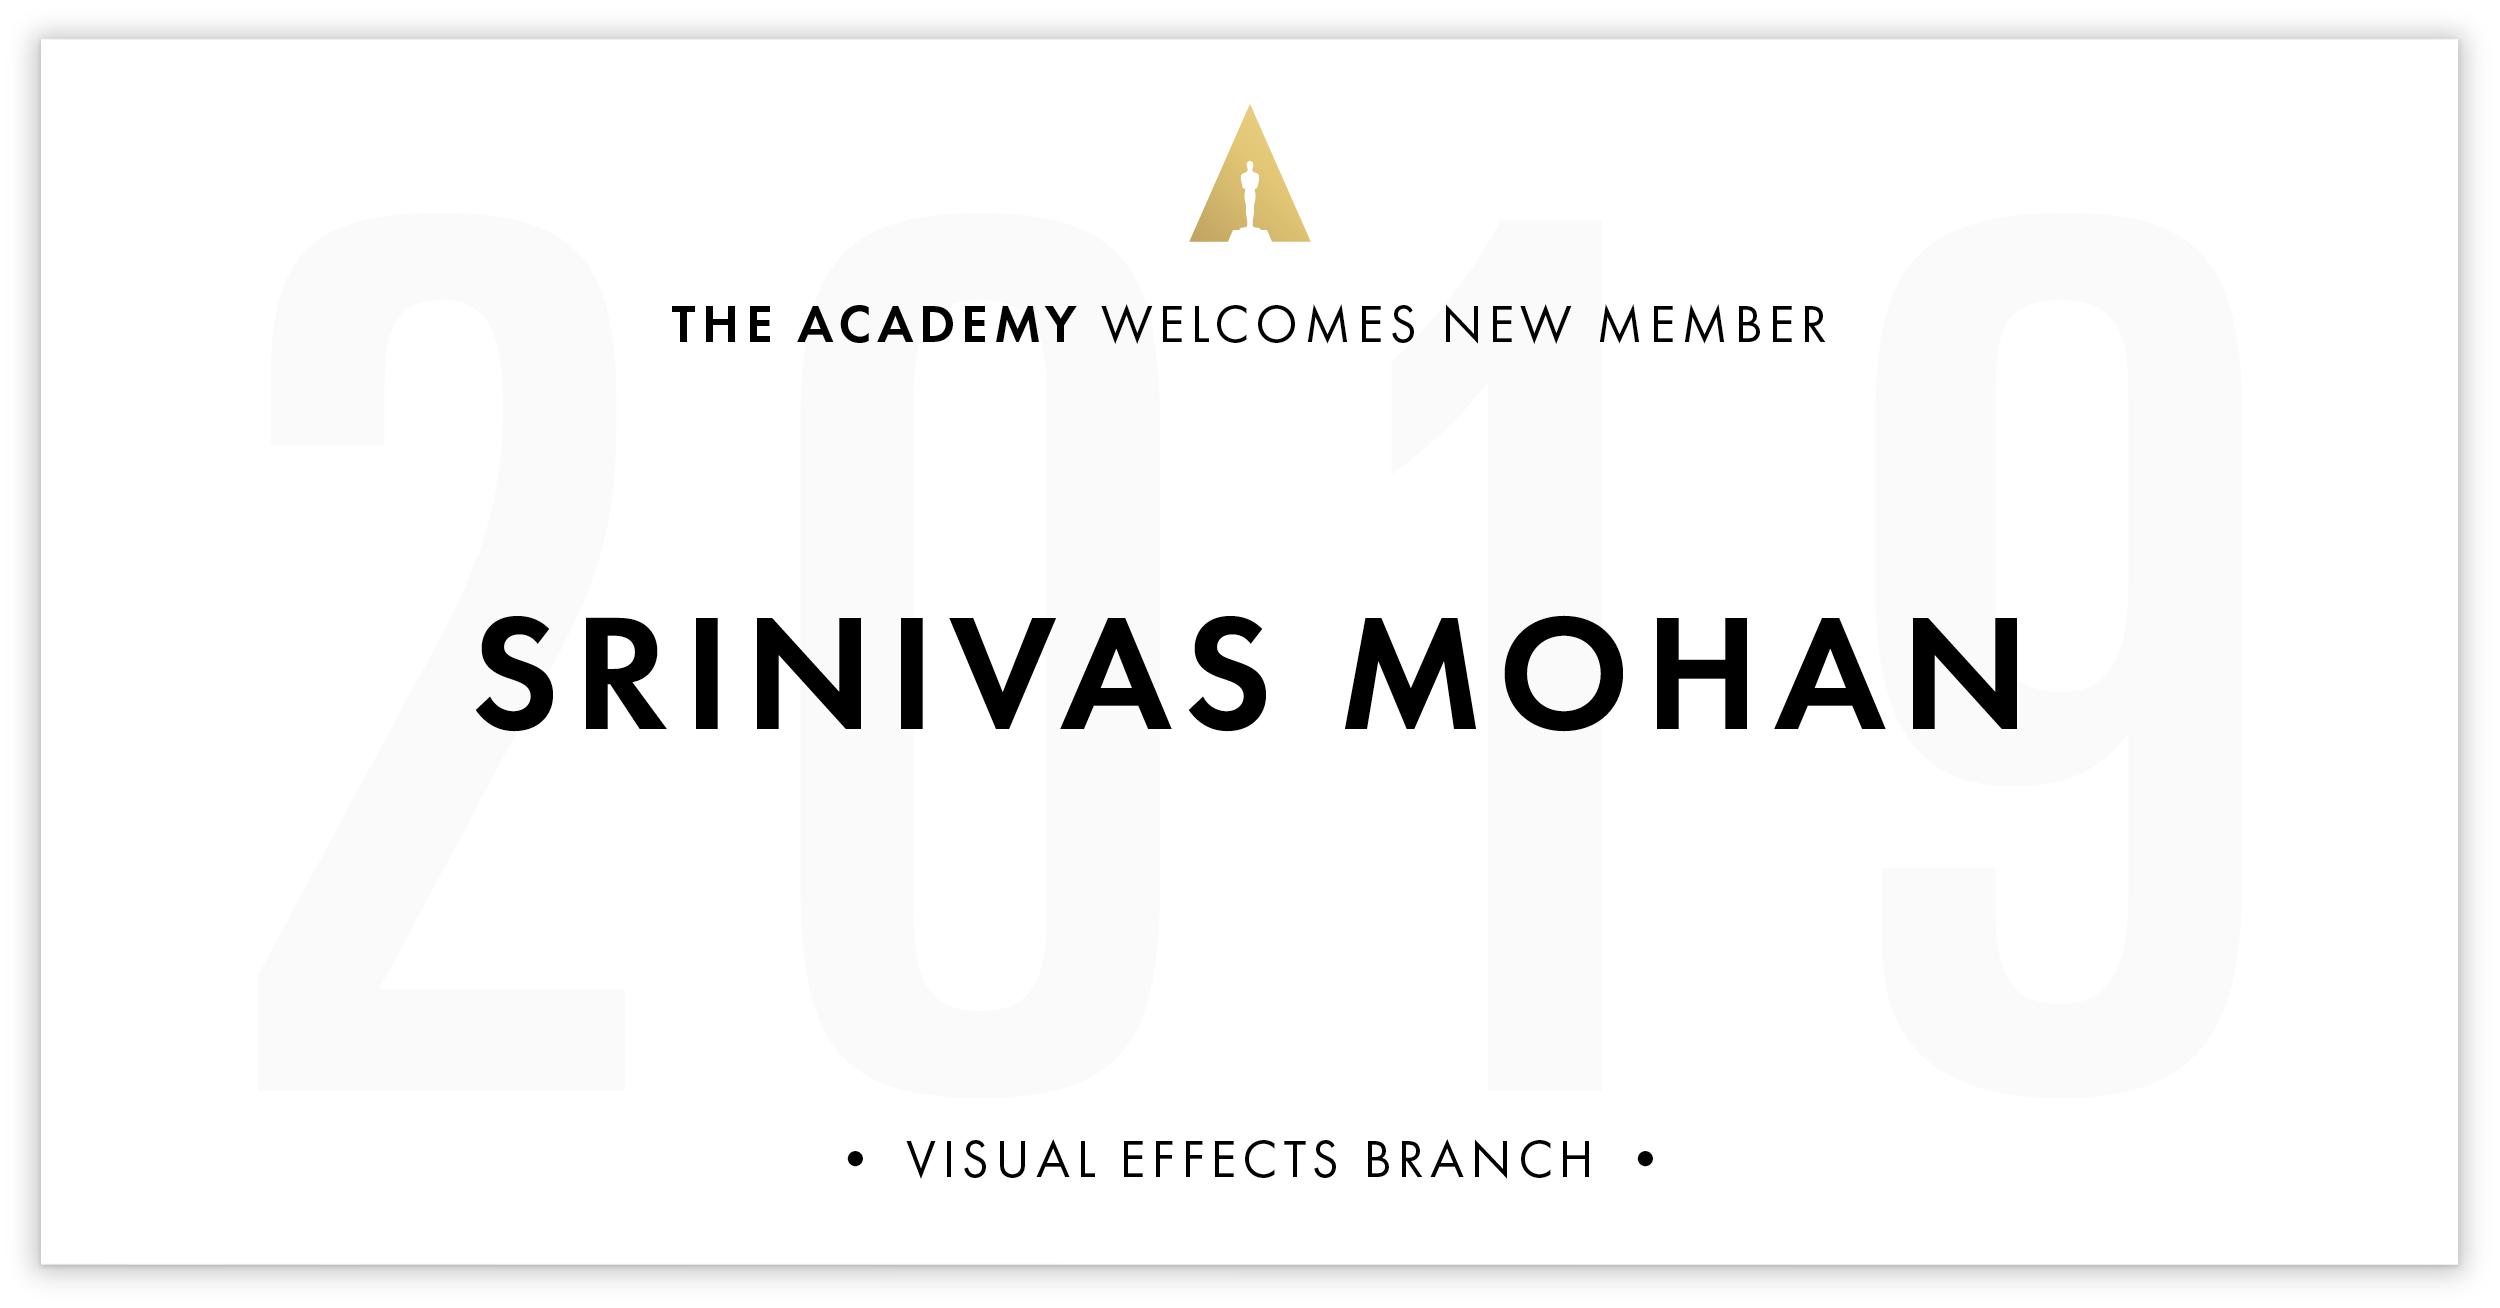 Srinivas Mohan is invited!